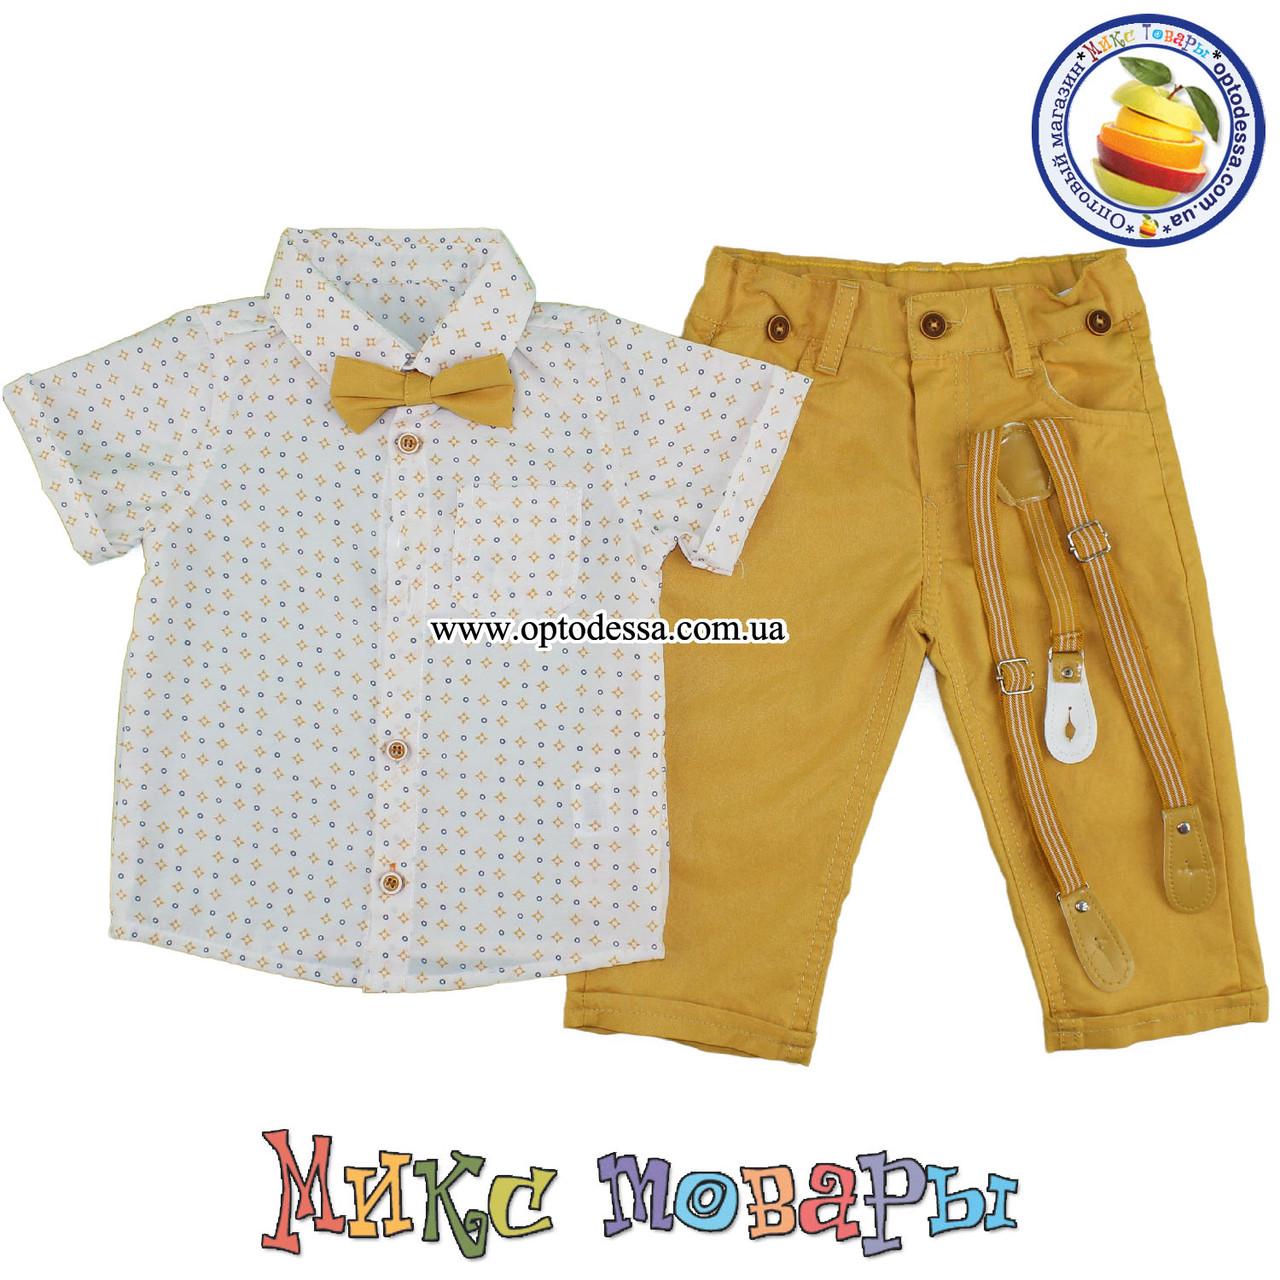 Коричневые костюмы с бриджами на подтяжках для мальчика Размер: 104 см (5109-1)